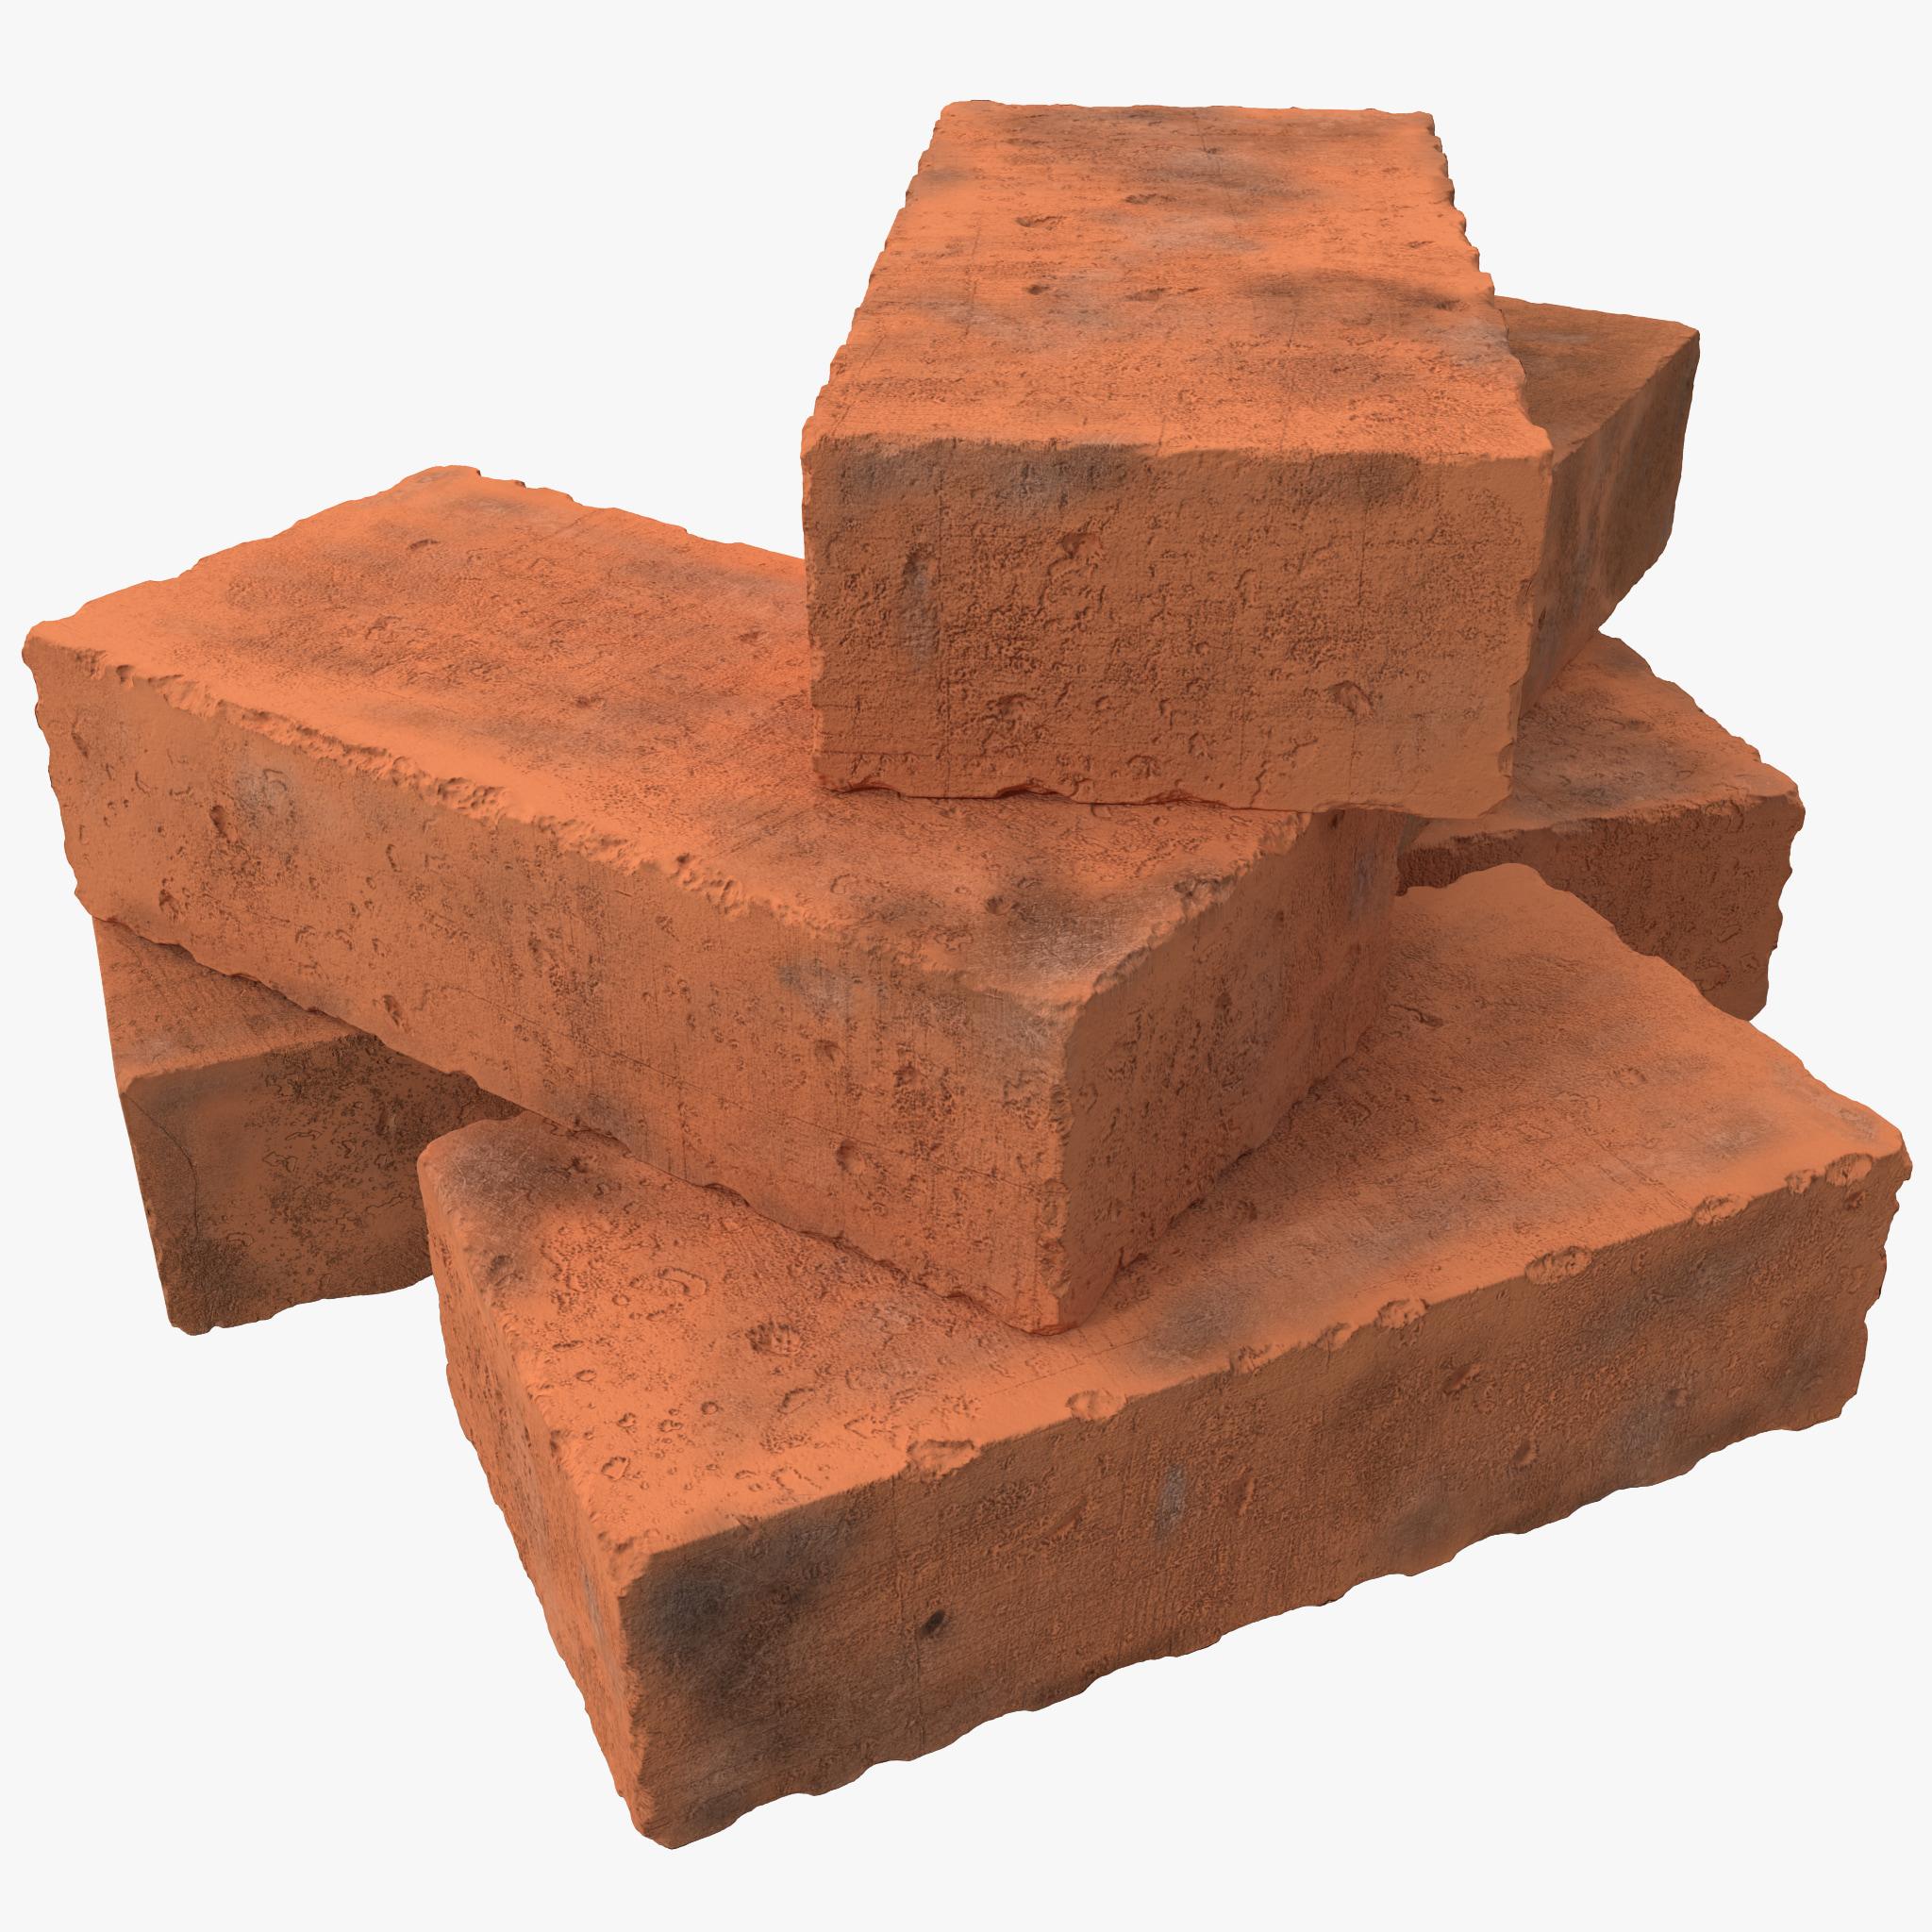 Bricks_000.jpg